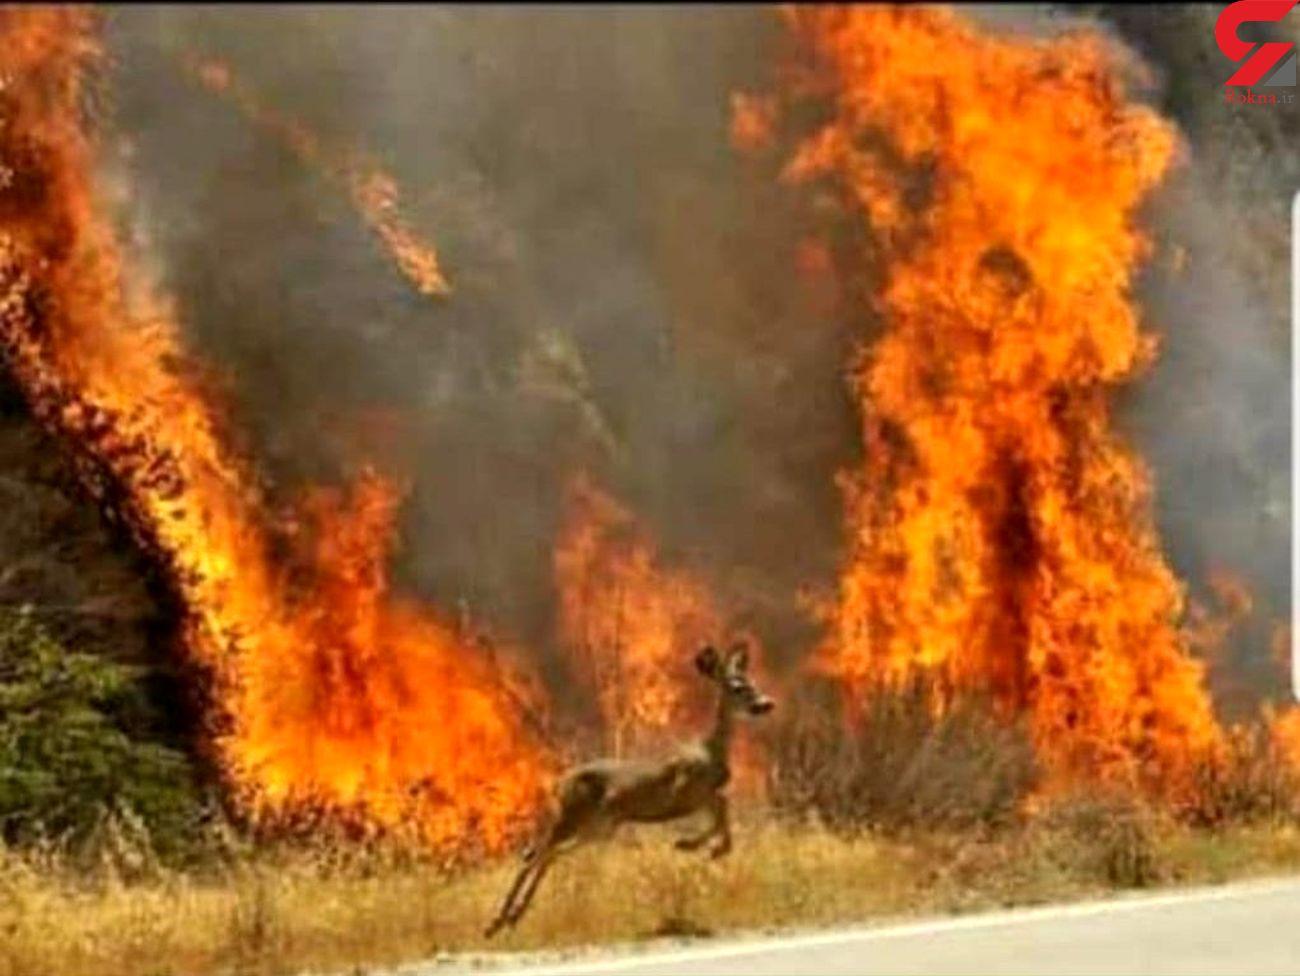 صحنه ای دلخراش از فرار حیوانات وحشتزده از ترس آتش در زاگرس